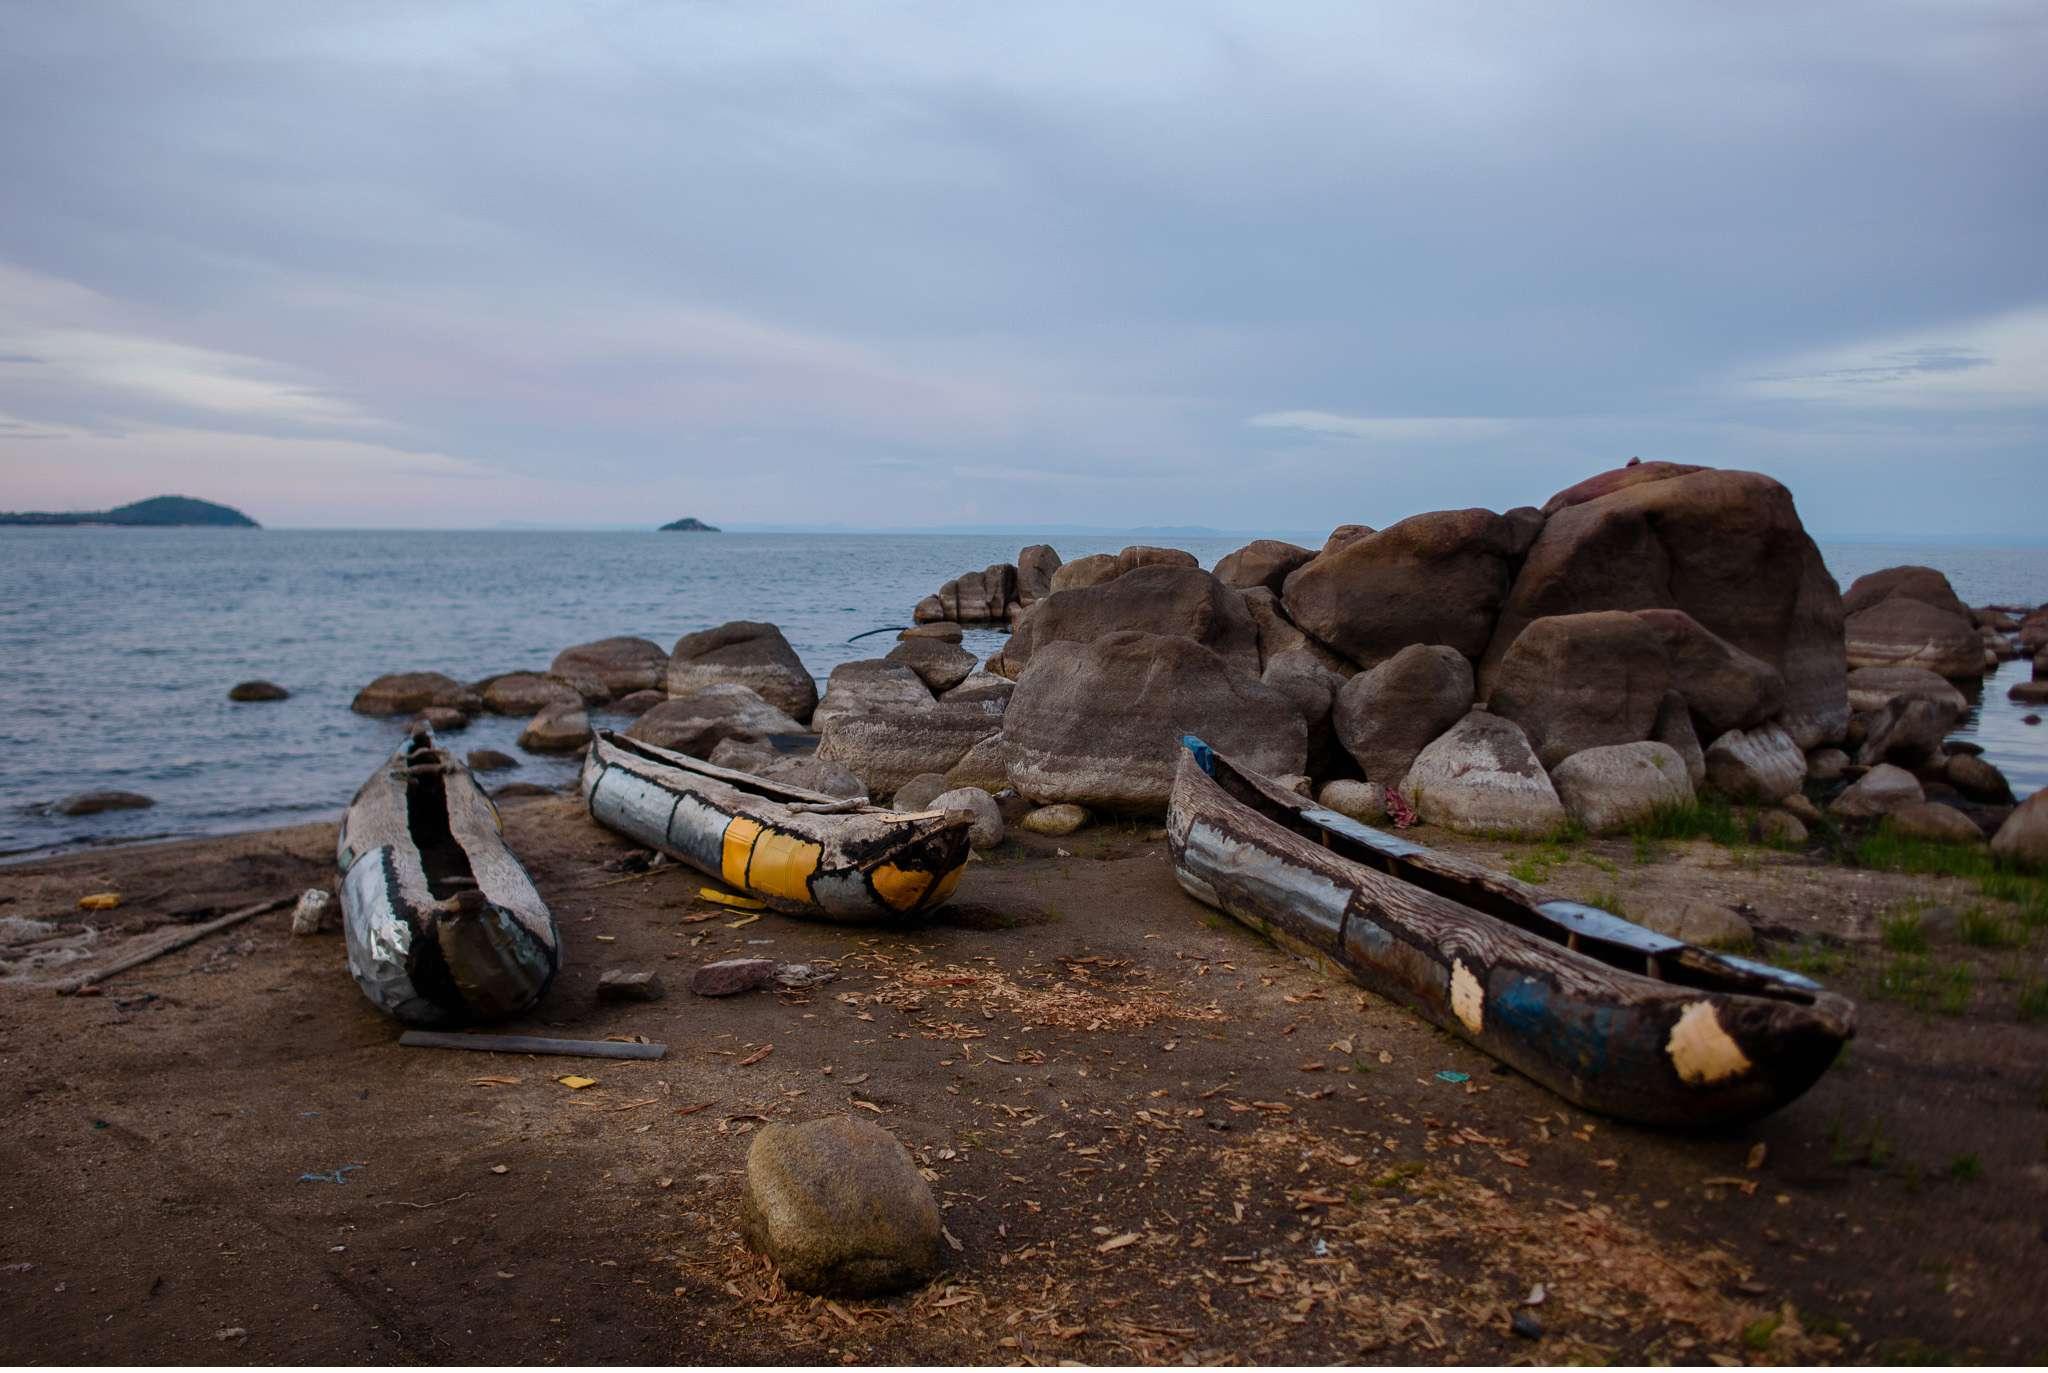 Malawi-Quer durch Afrika- Geschichten von unterwegs by Marion and Daniel-11